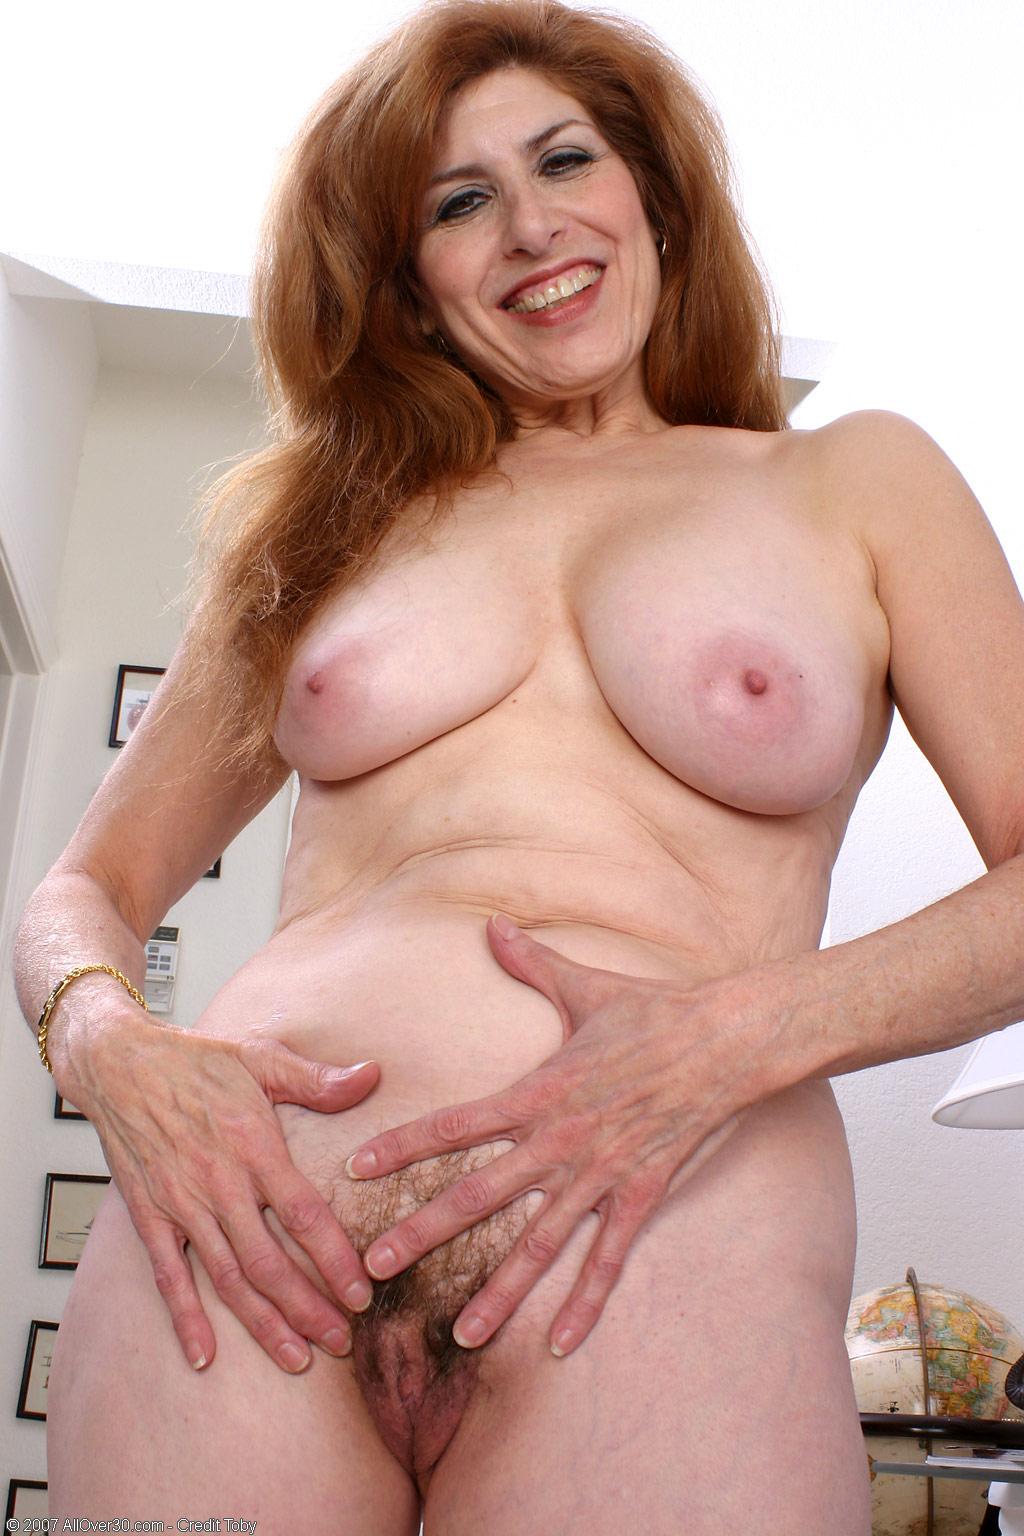 beautiful mature naked woman - milf